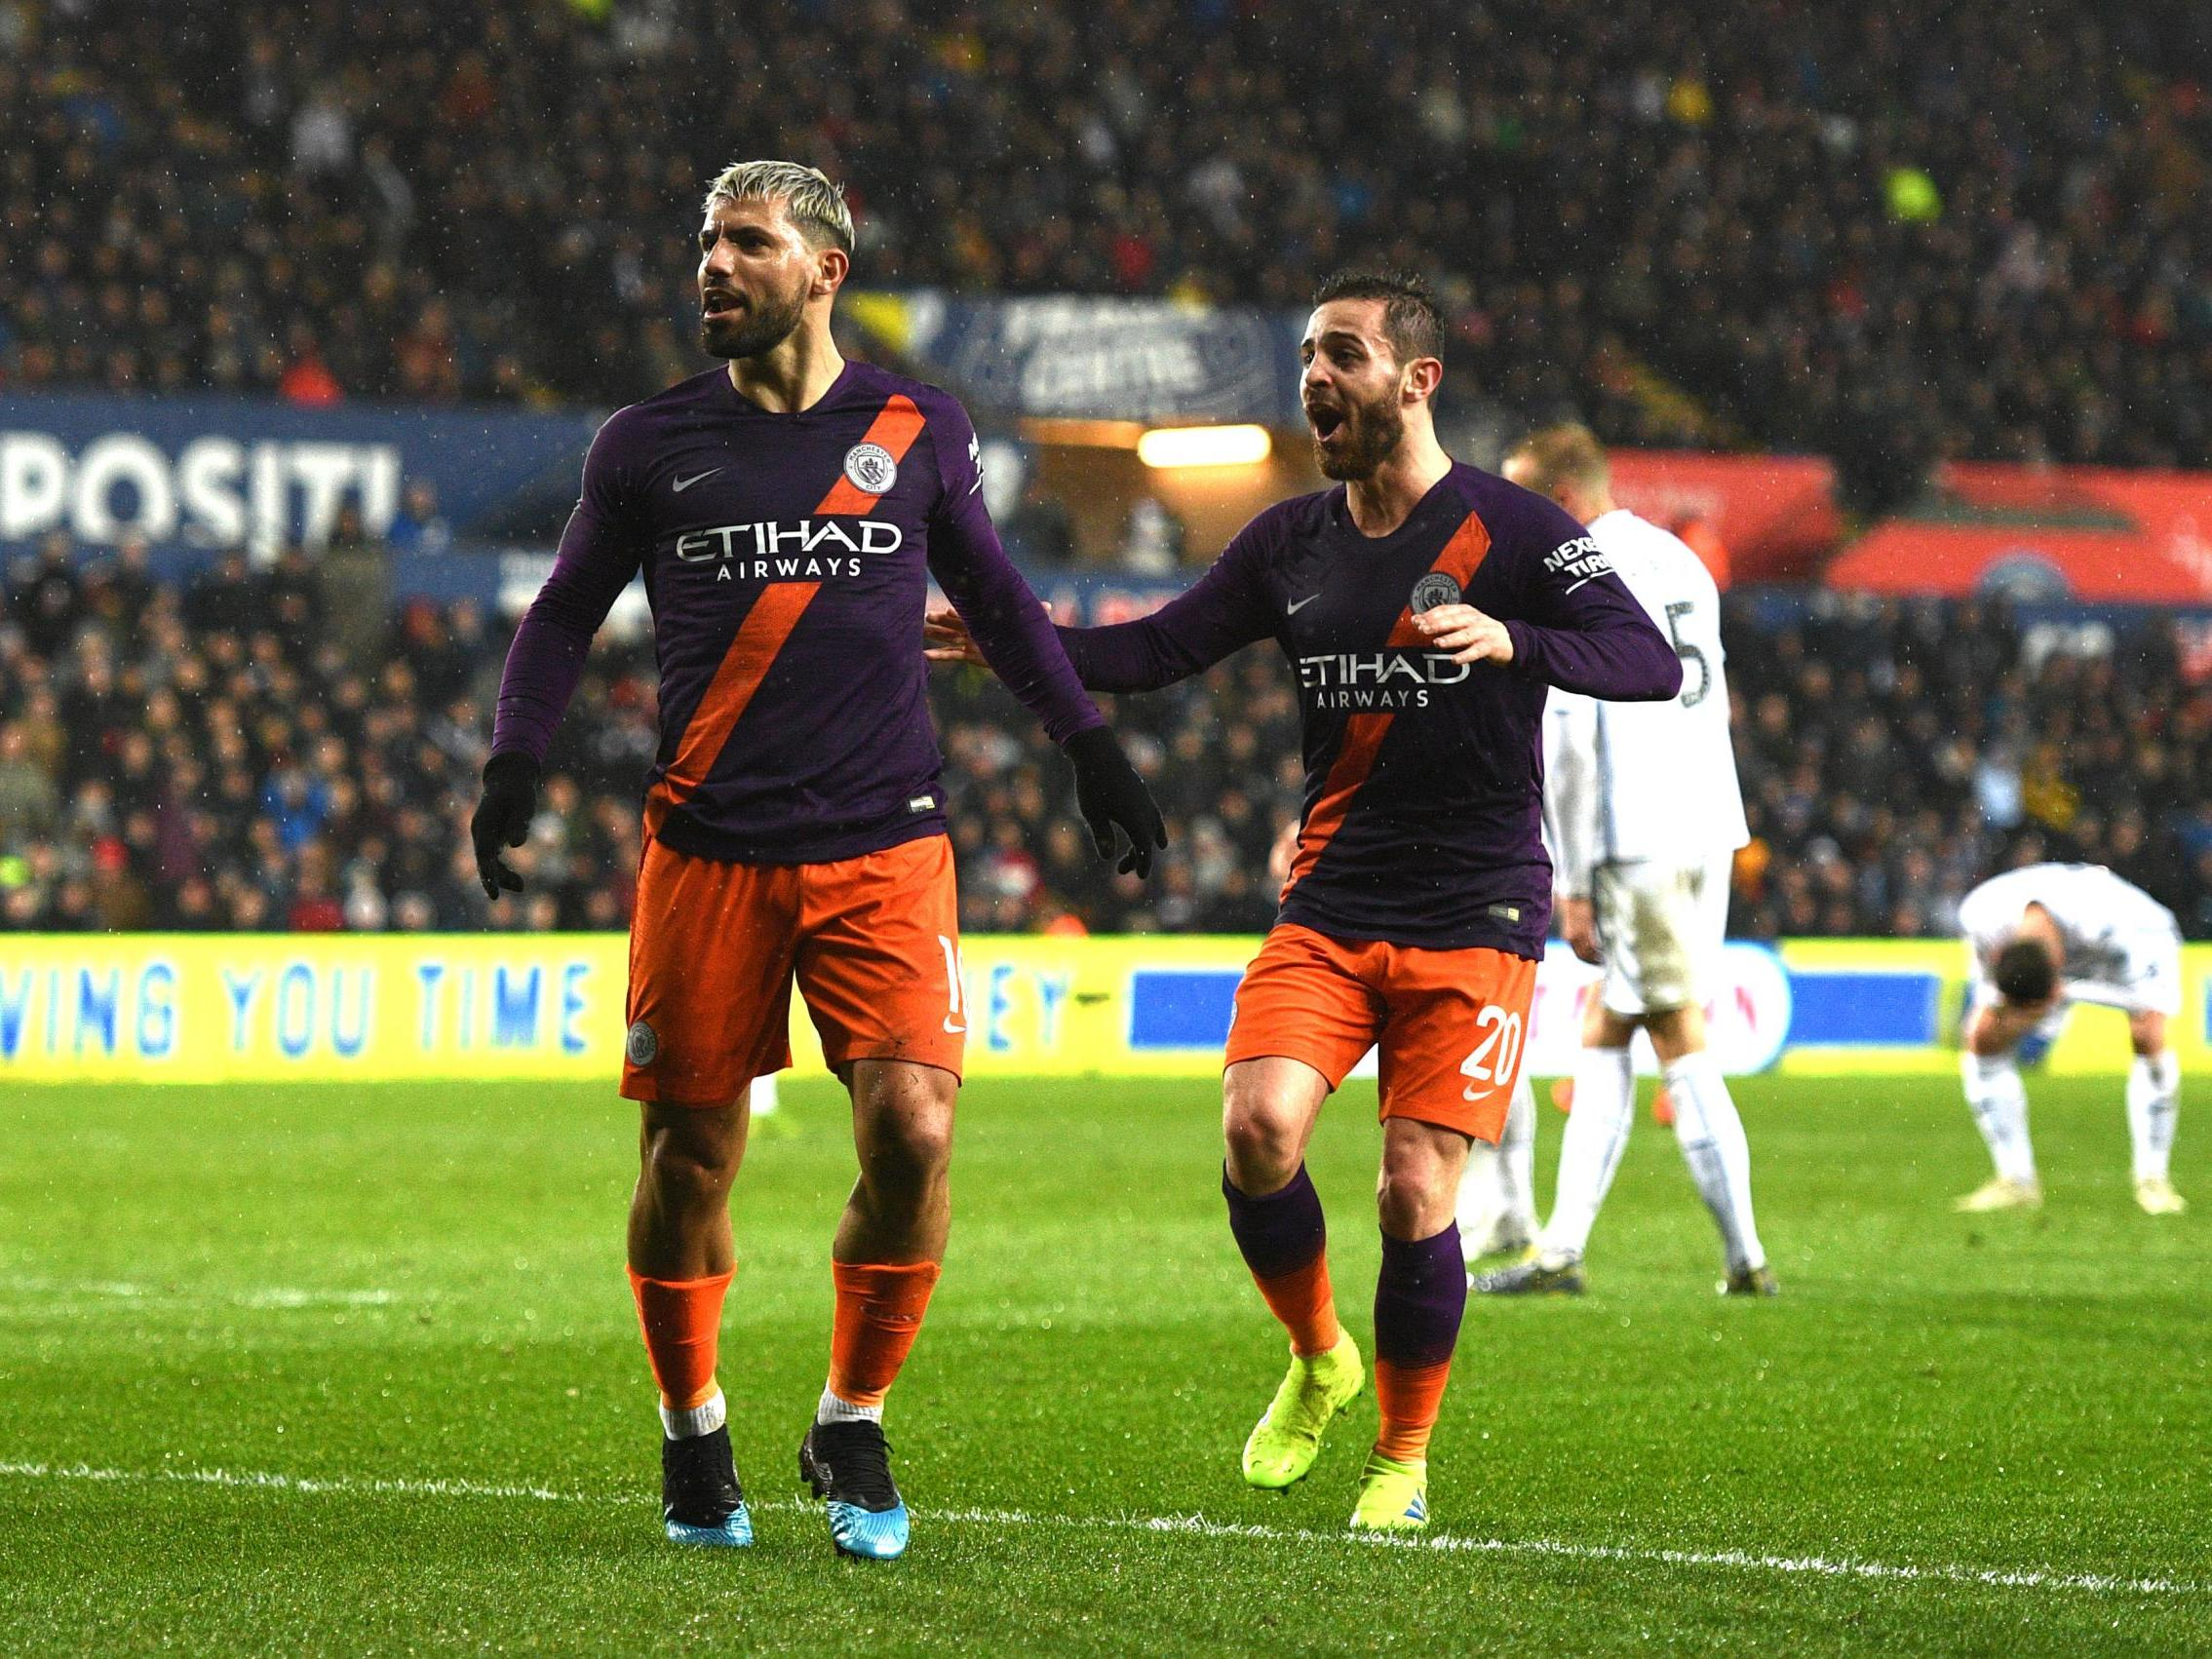 Swansea vs Man City, FA Cup: Pep Guardiola's men pull off fine comeback to reach semi-finals